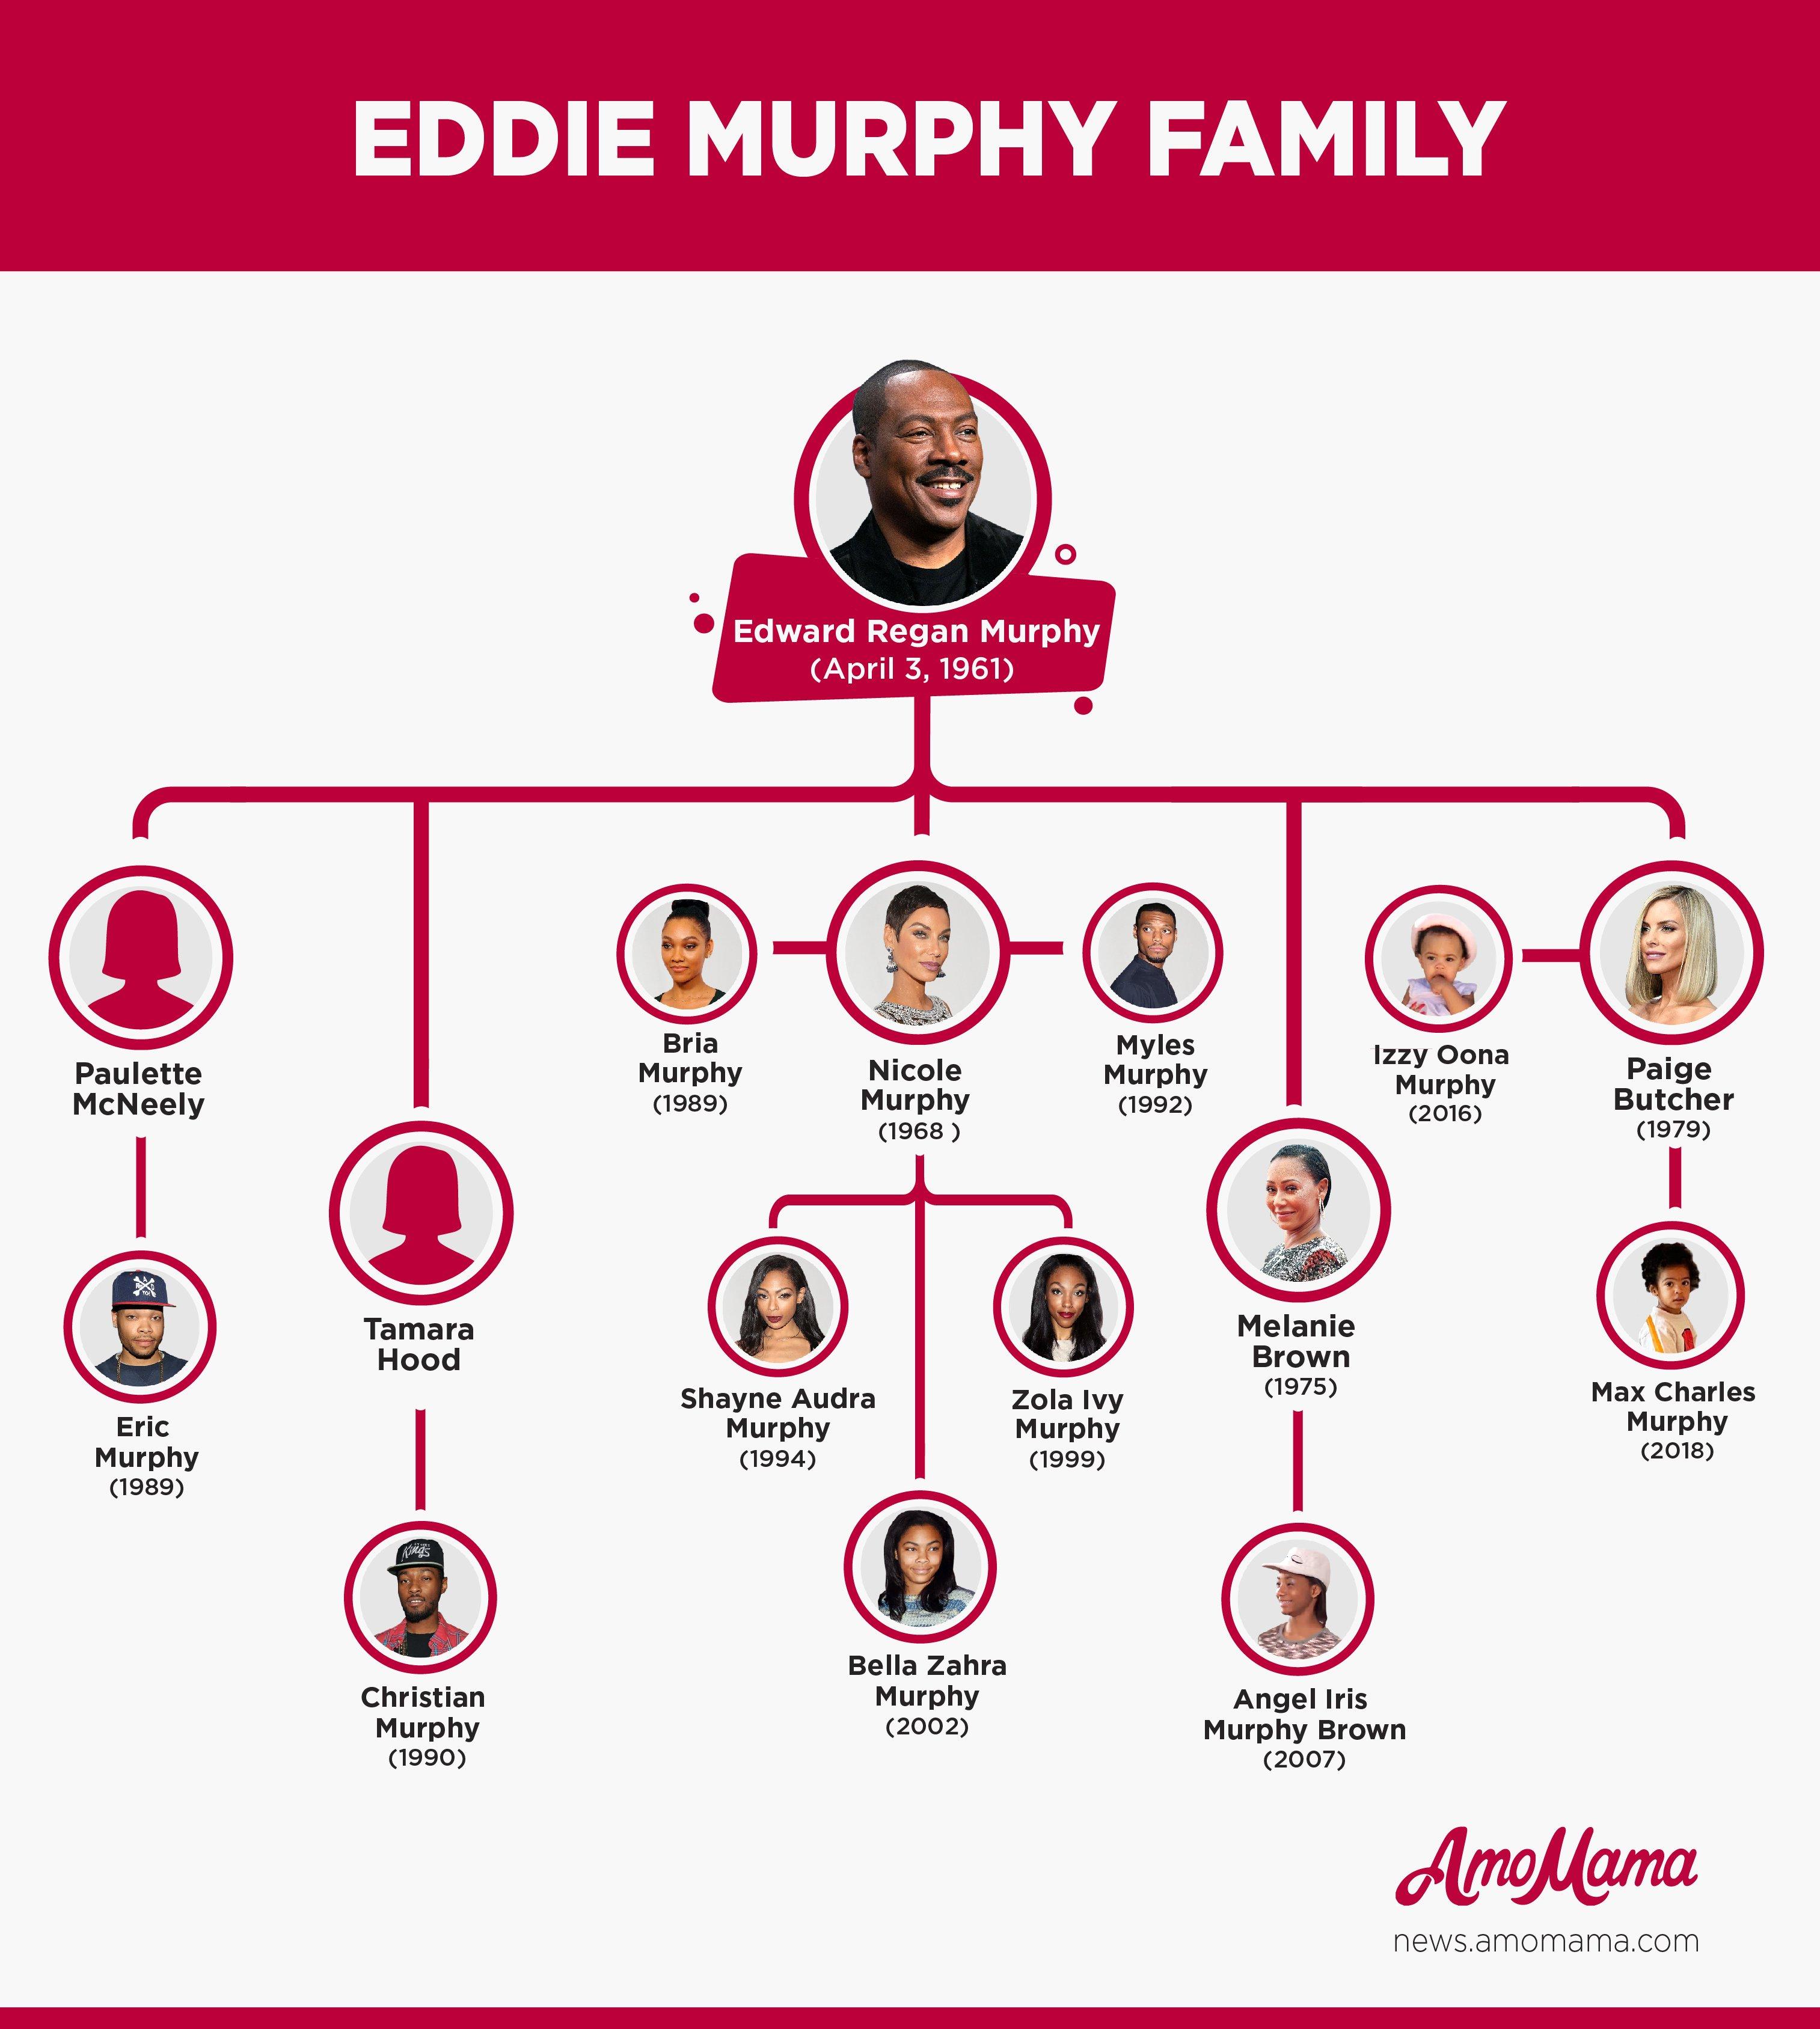 Eddie Murphy Family Tree / amomama.com